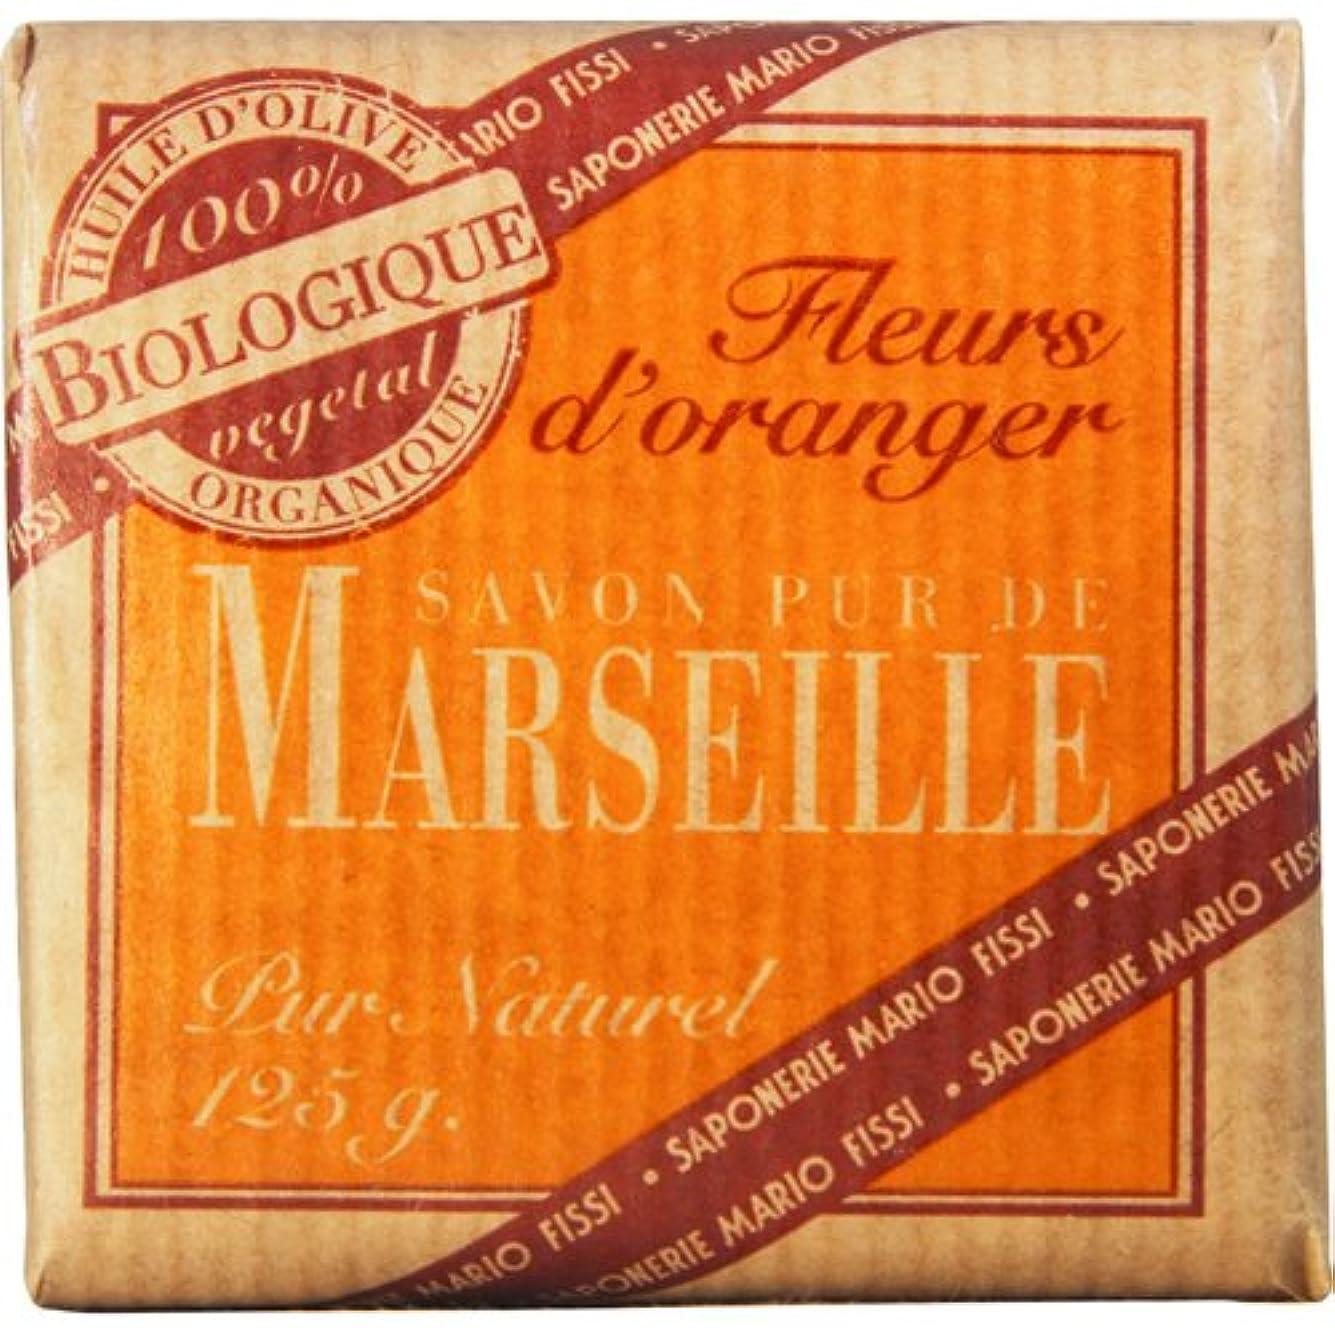 ブルどこ不道徳Saponerire Fissi マルセイユシリーズ マルセイユソープ 125g Orange Flower オレンジフラワー